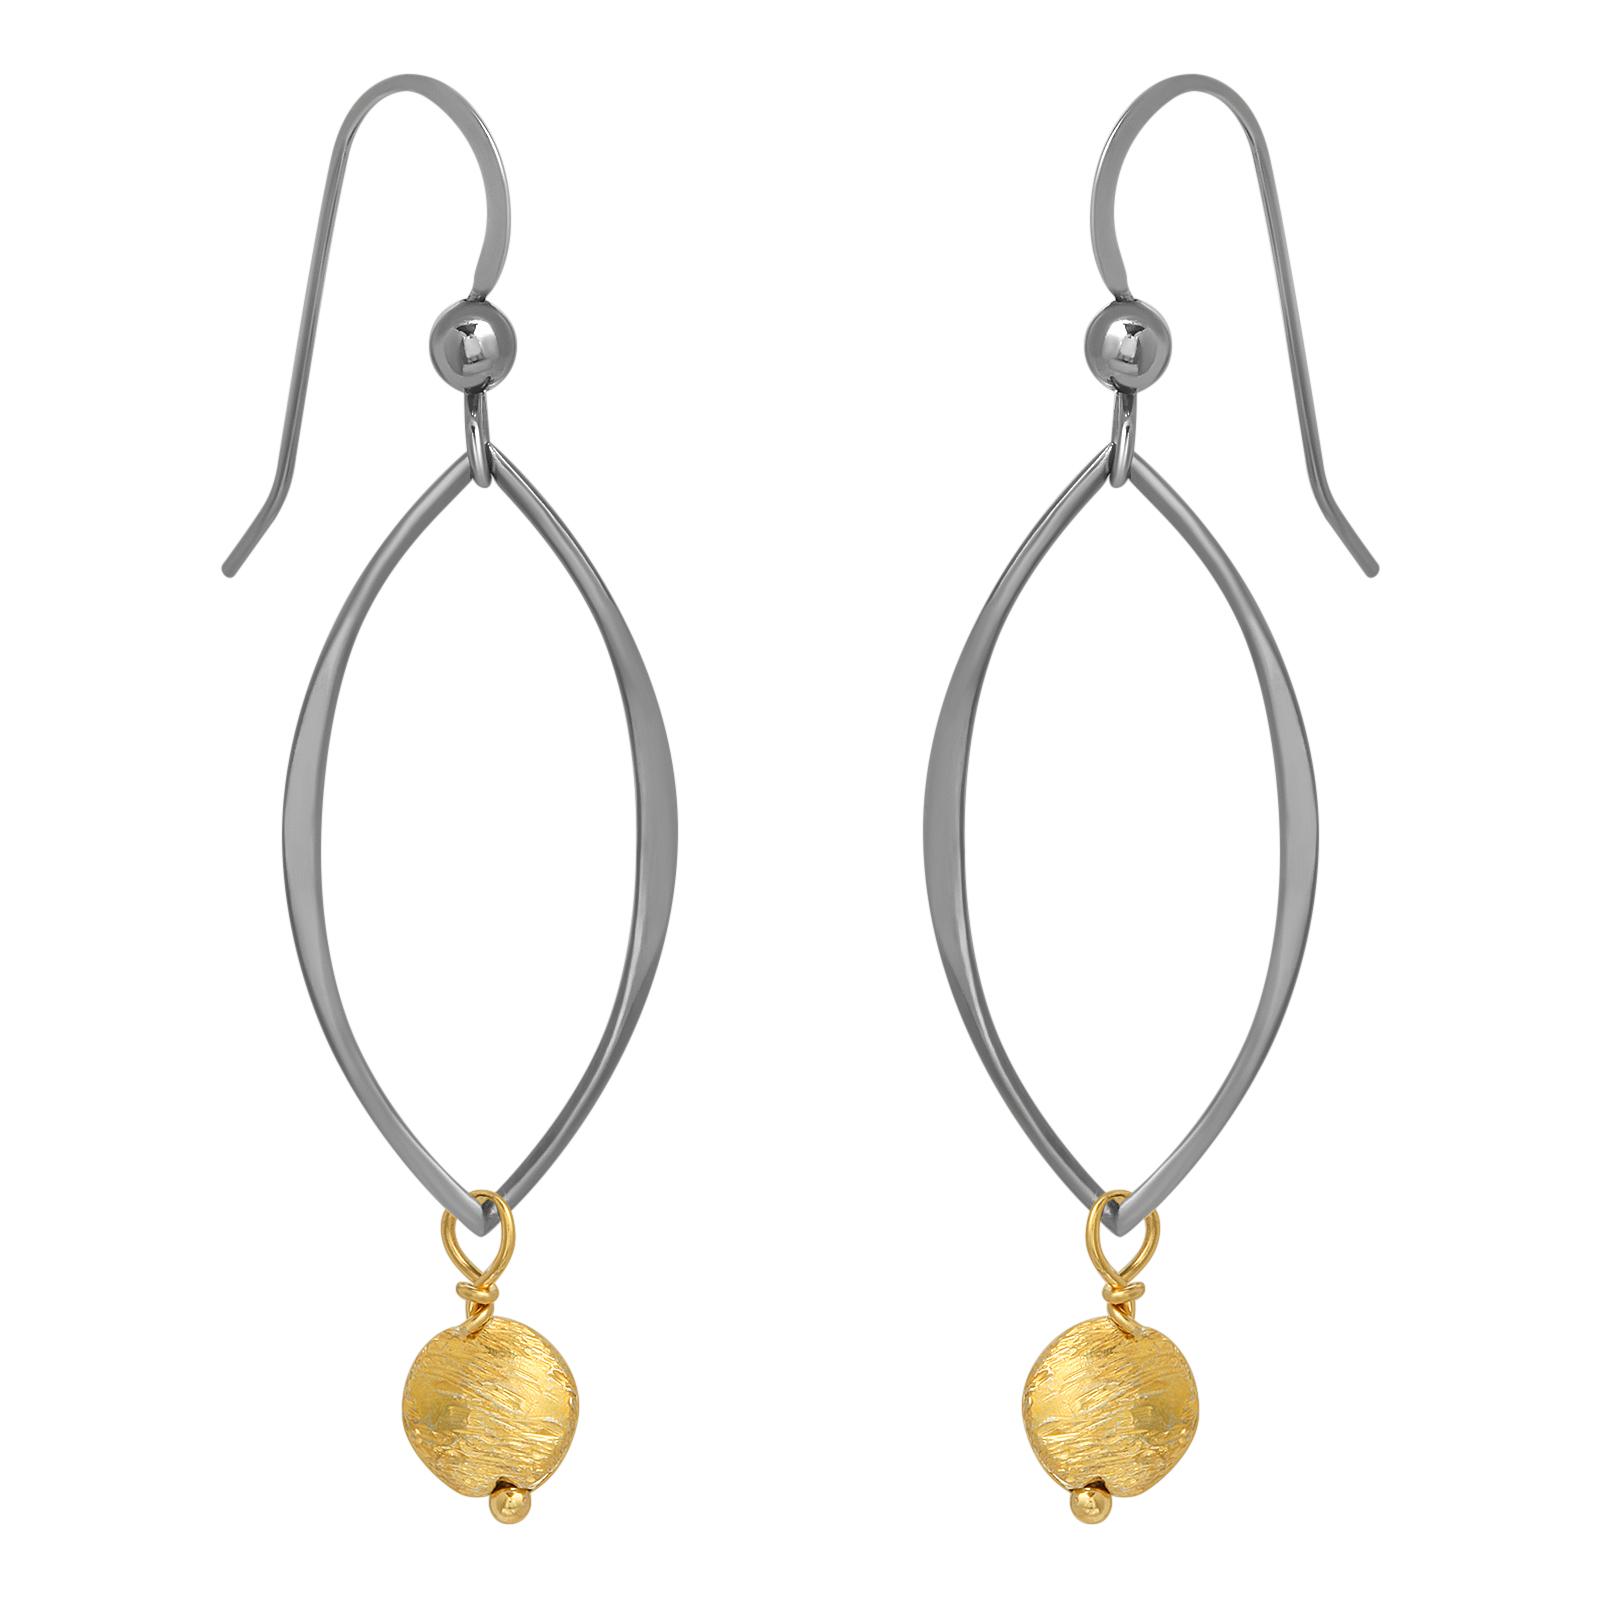 Two-Tone Oxidized Petal Hoop w/ Gold Drop Earrings